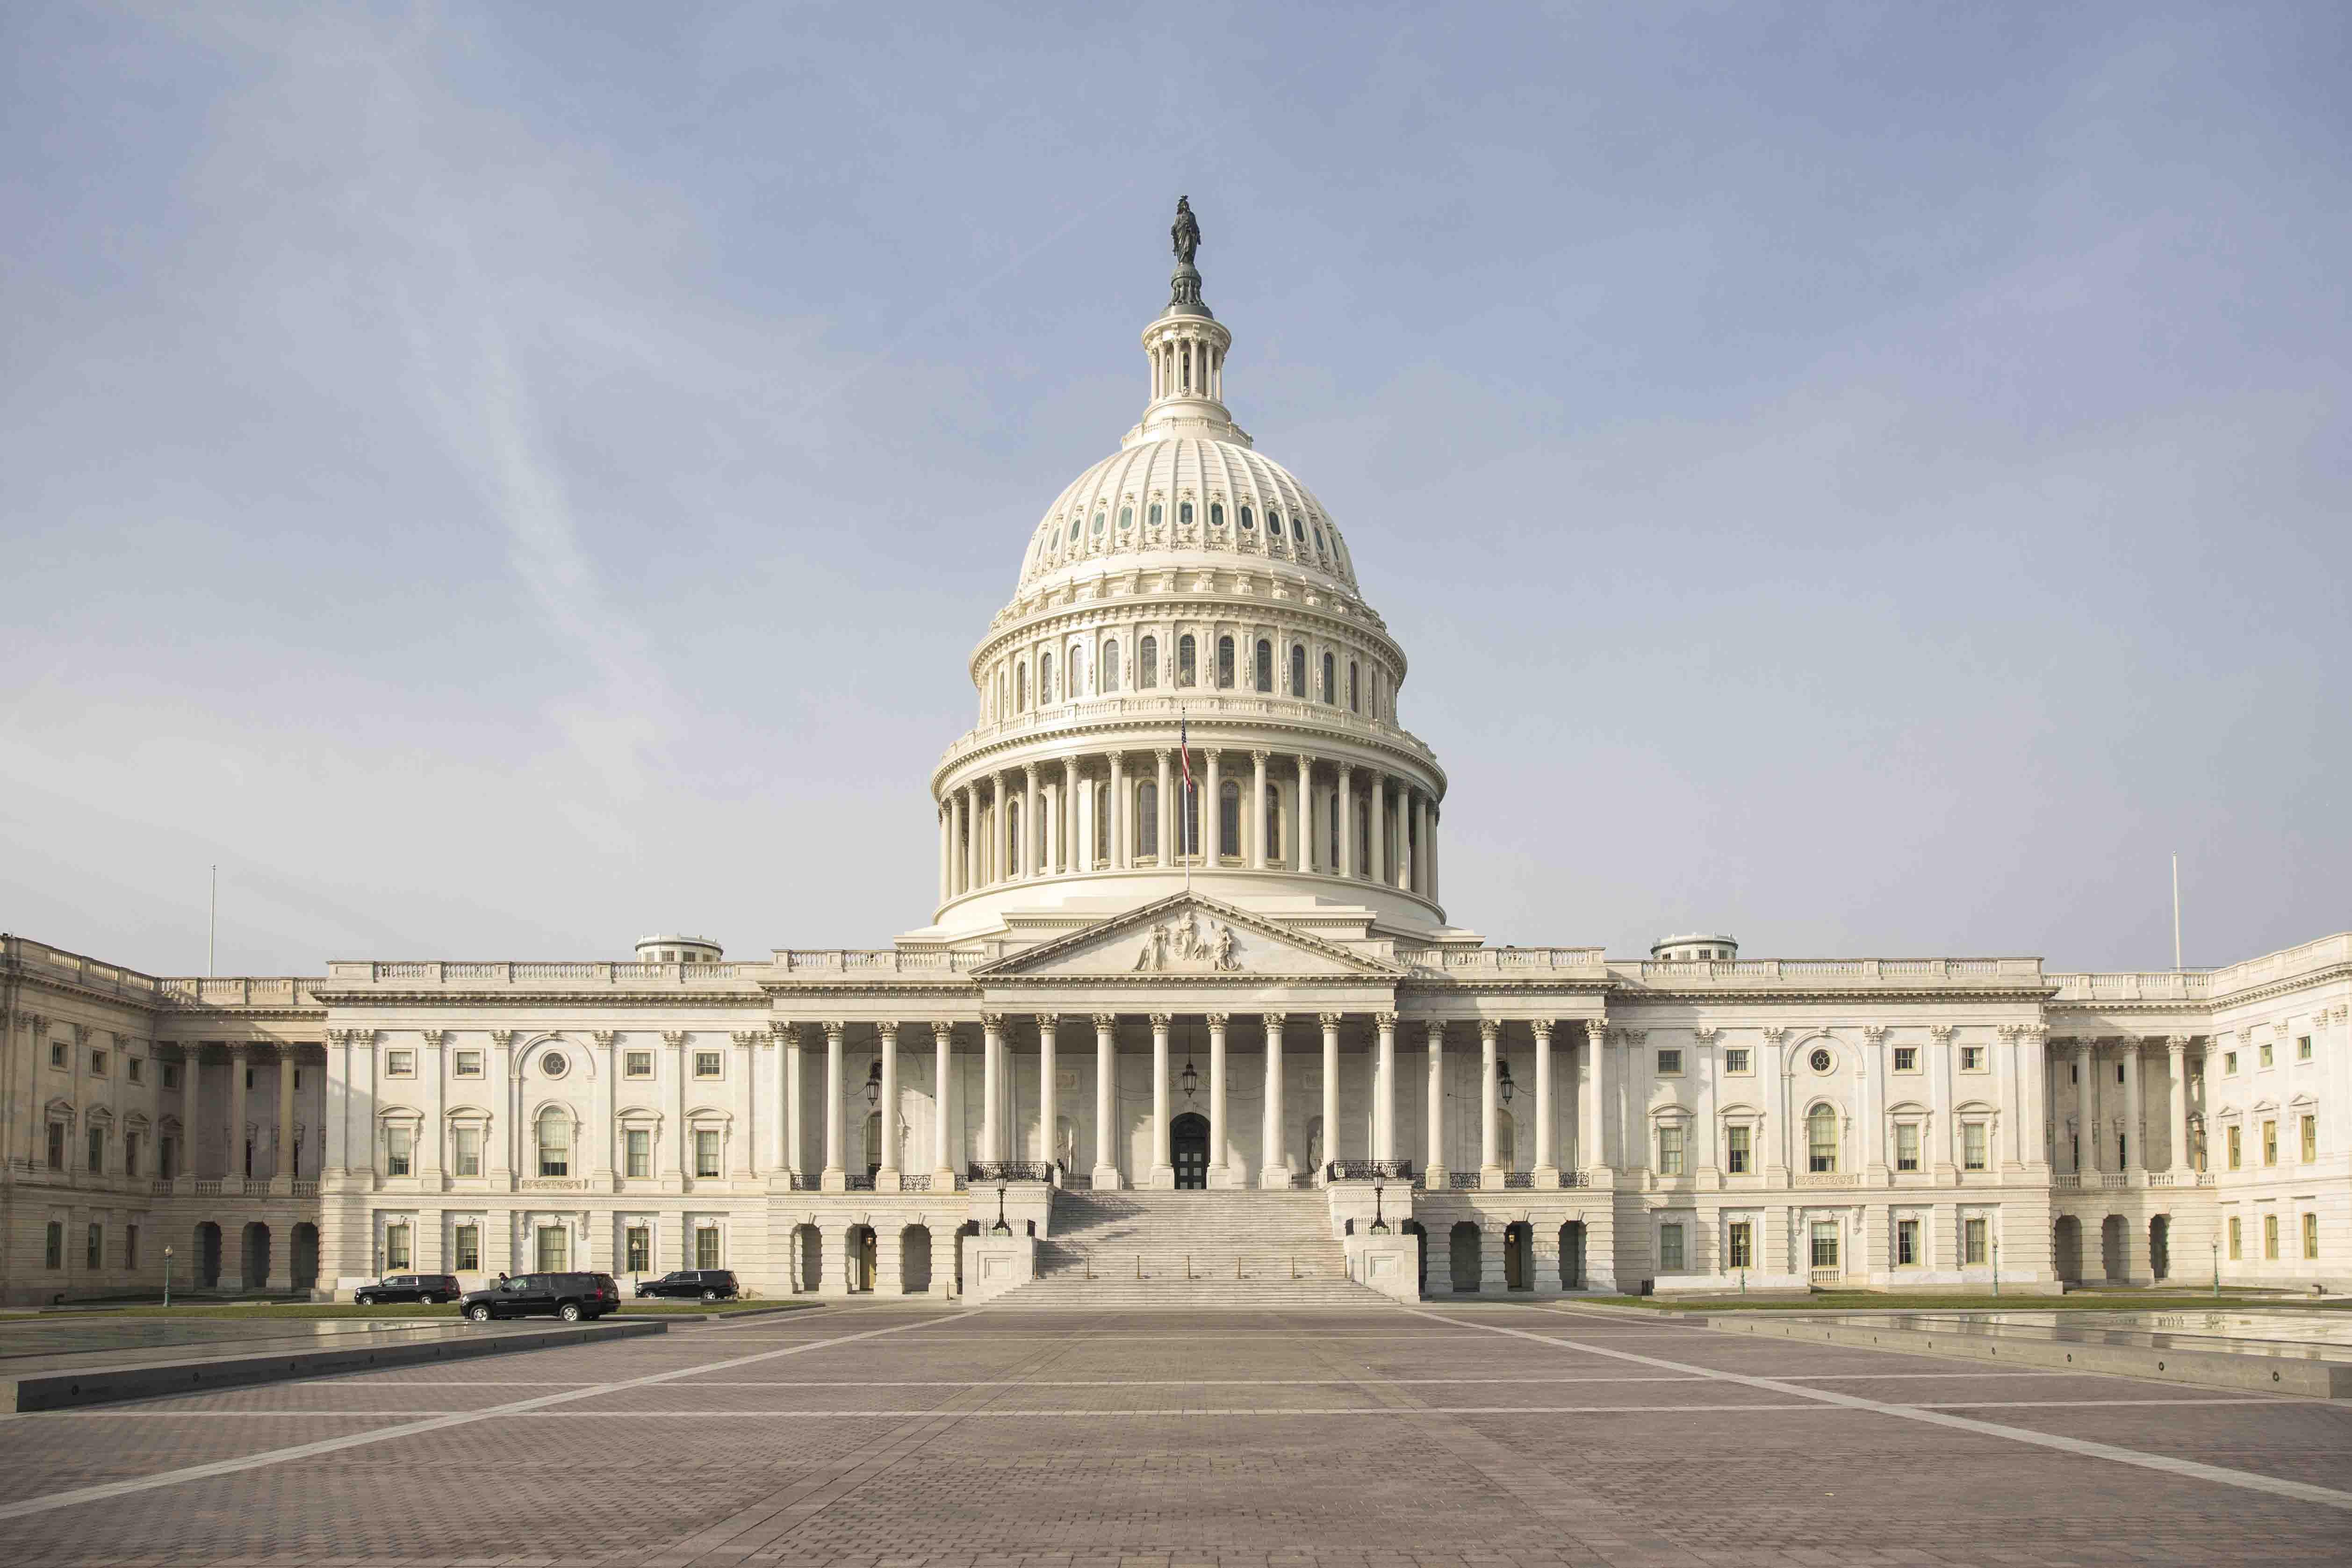 美參院將表決國防法案 顯兩黨對抗中共決心